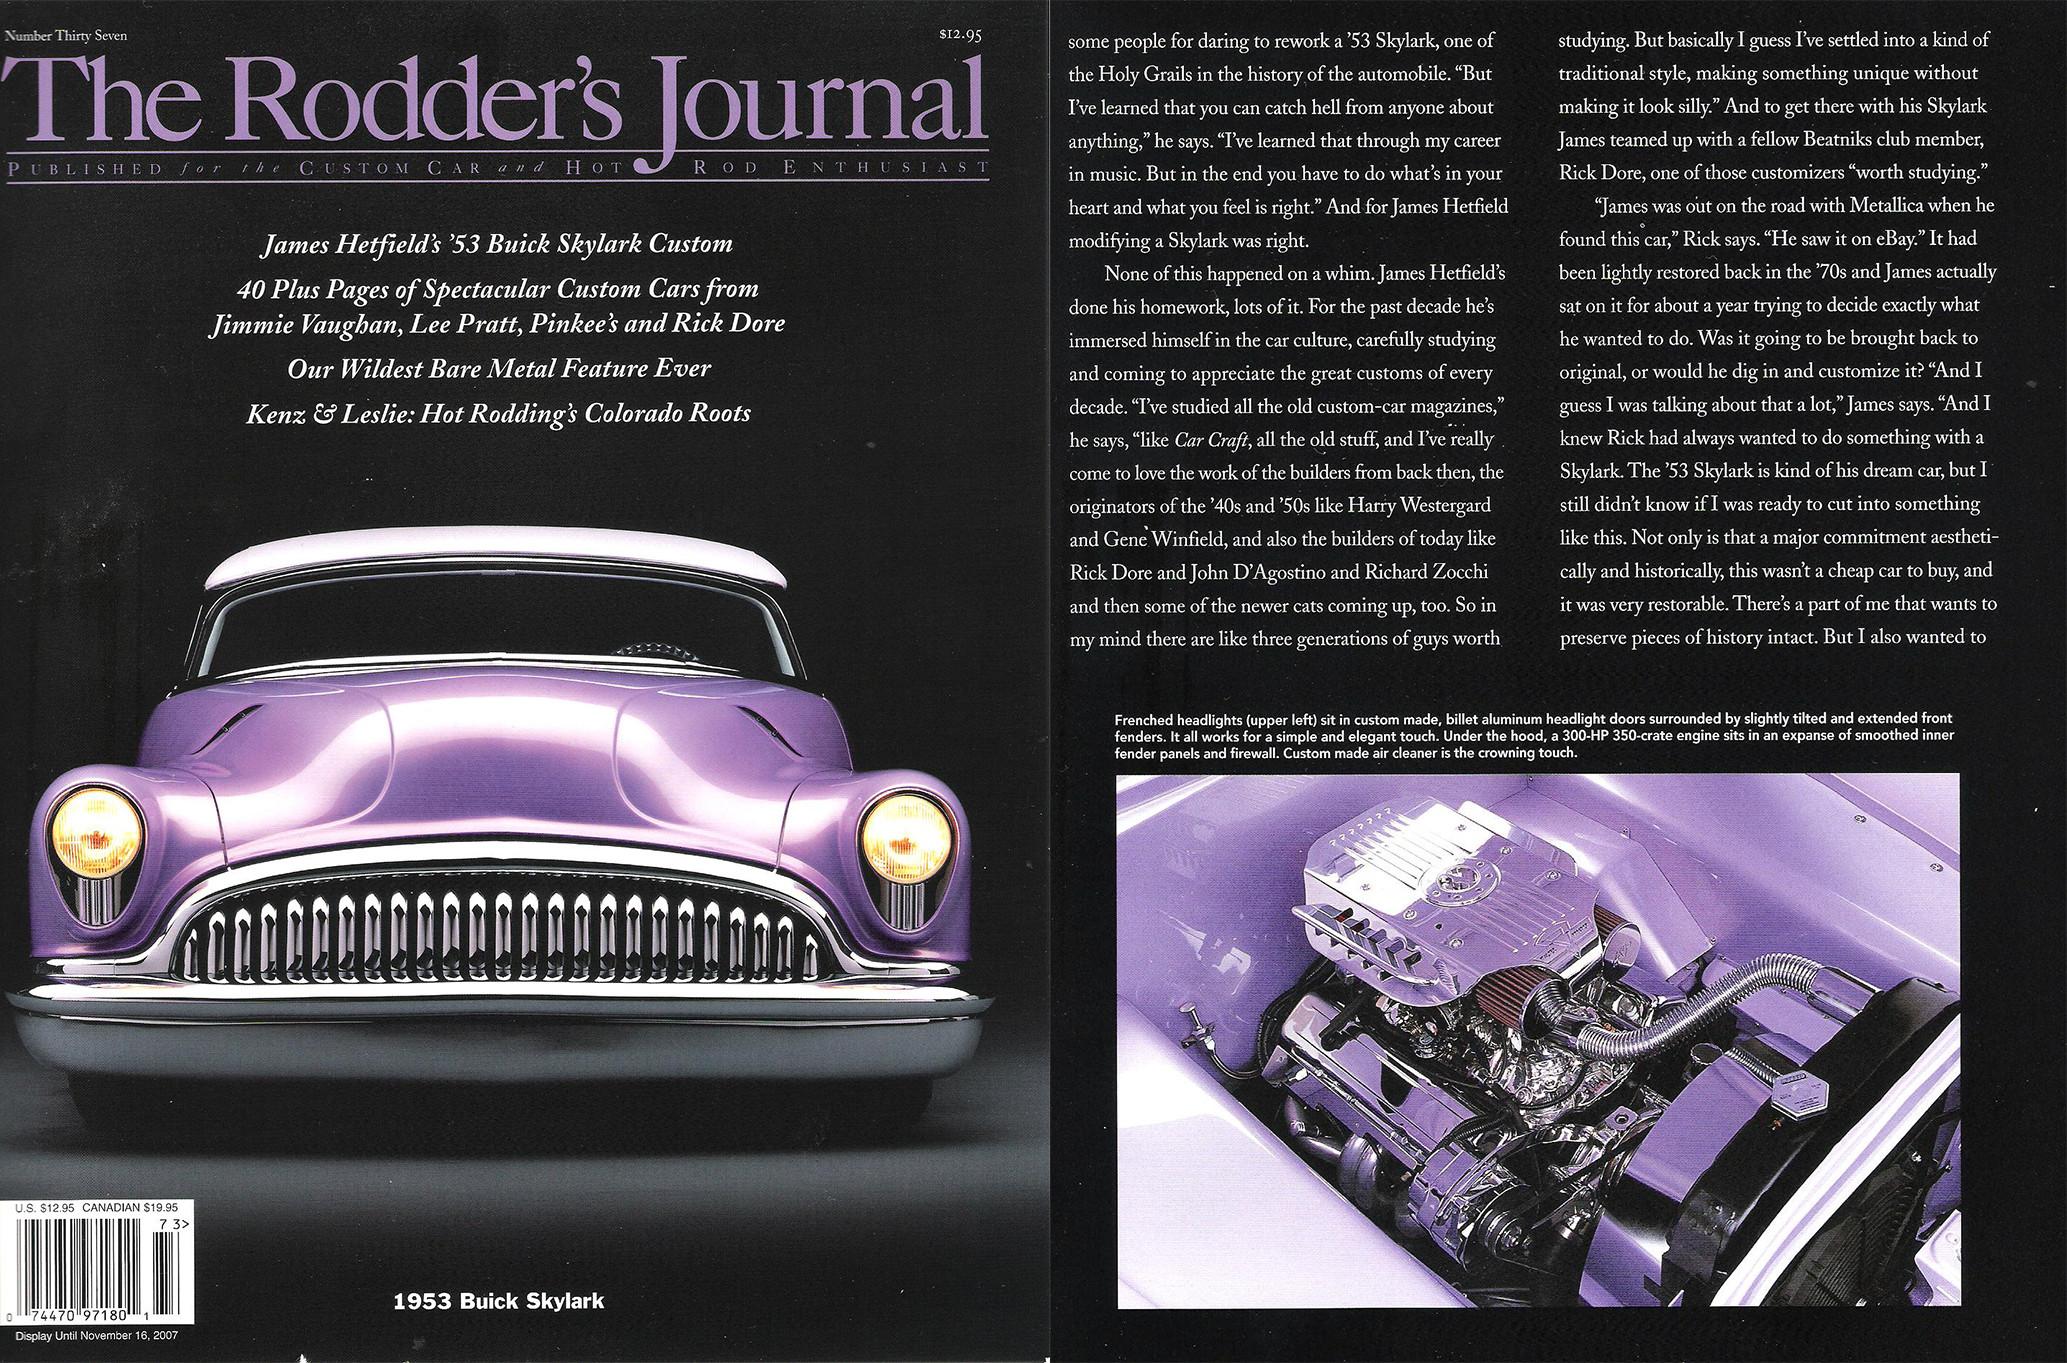 Rodders Journal